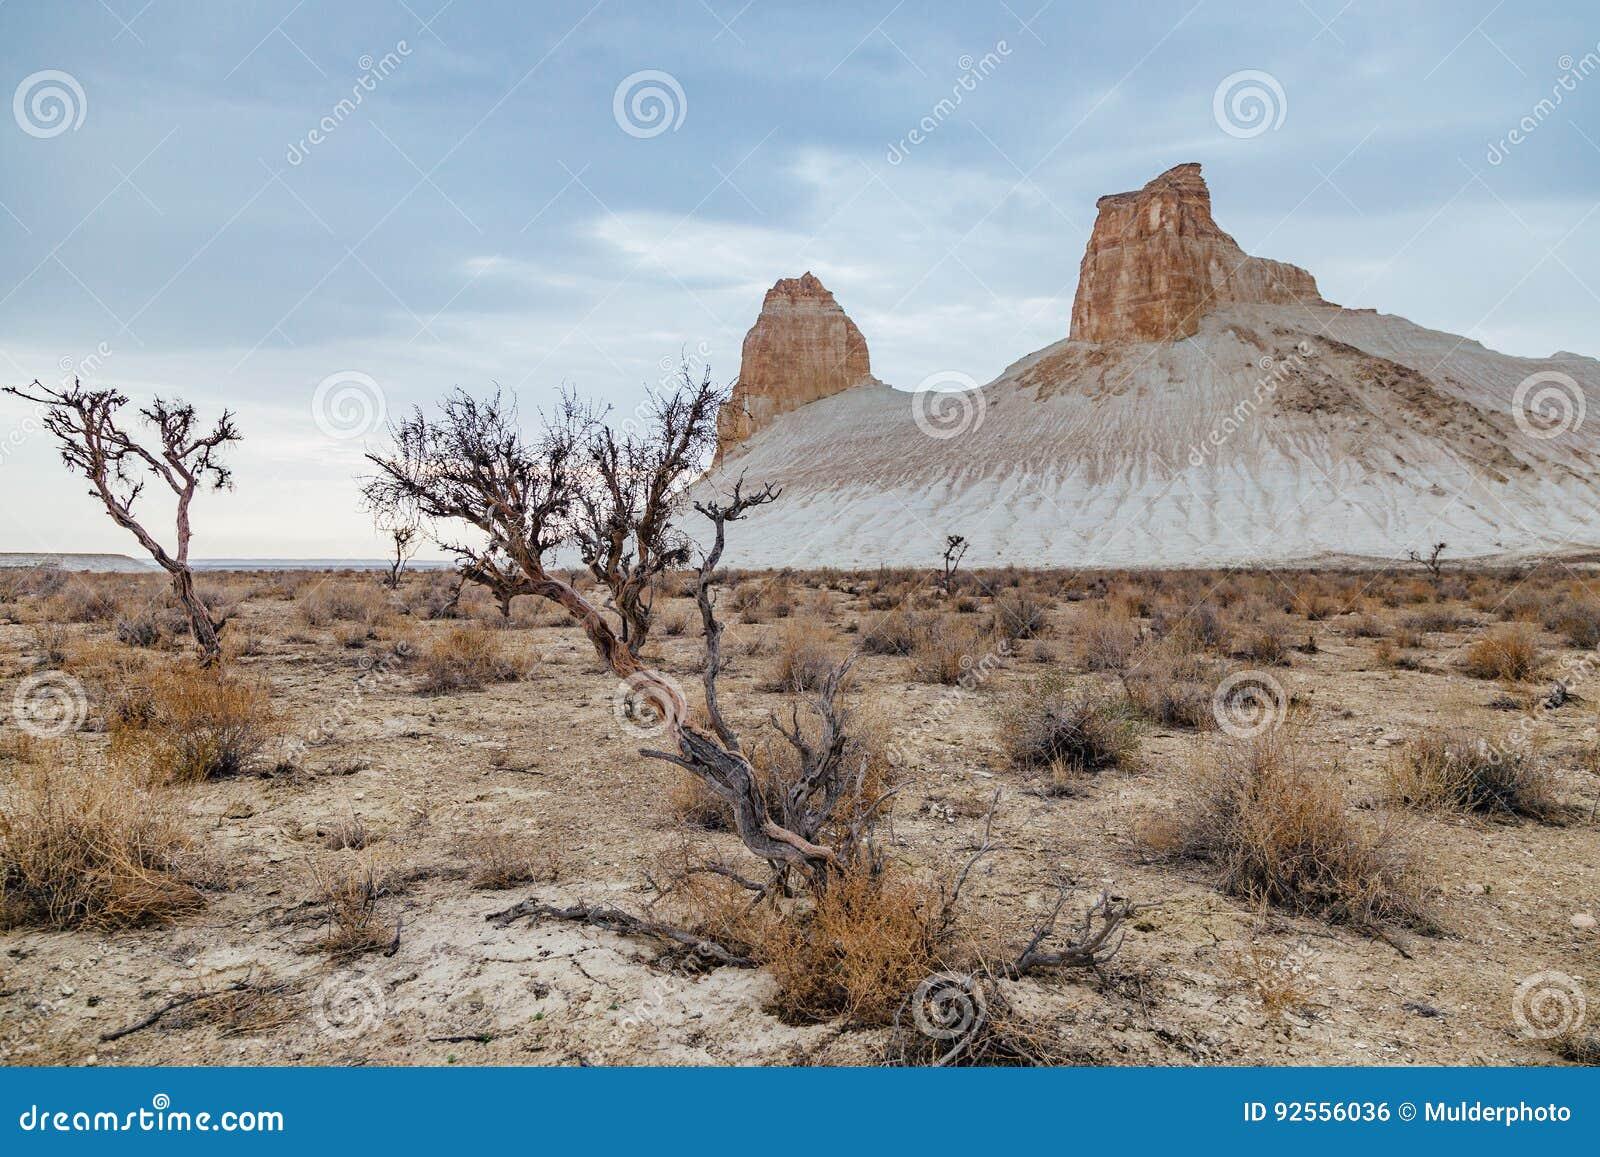 Saxaul asciutto nel deserto su fondo delle rocce alzate